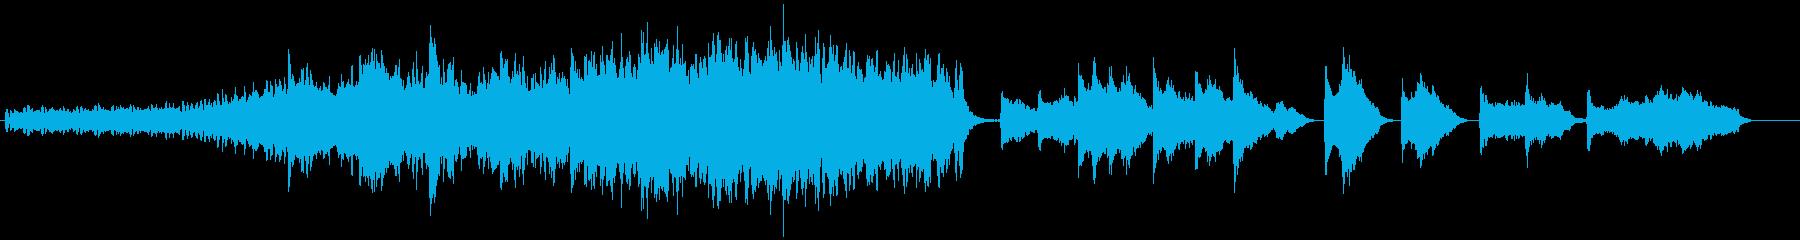 幻想的に盛り上がるピアノと弦楽曲の再生済みの波形